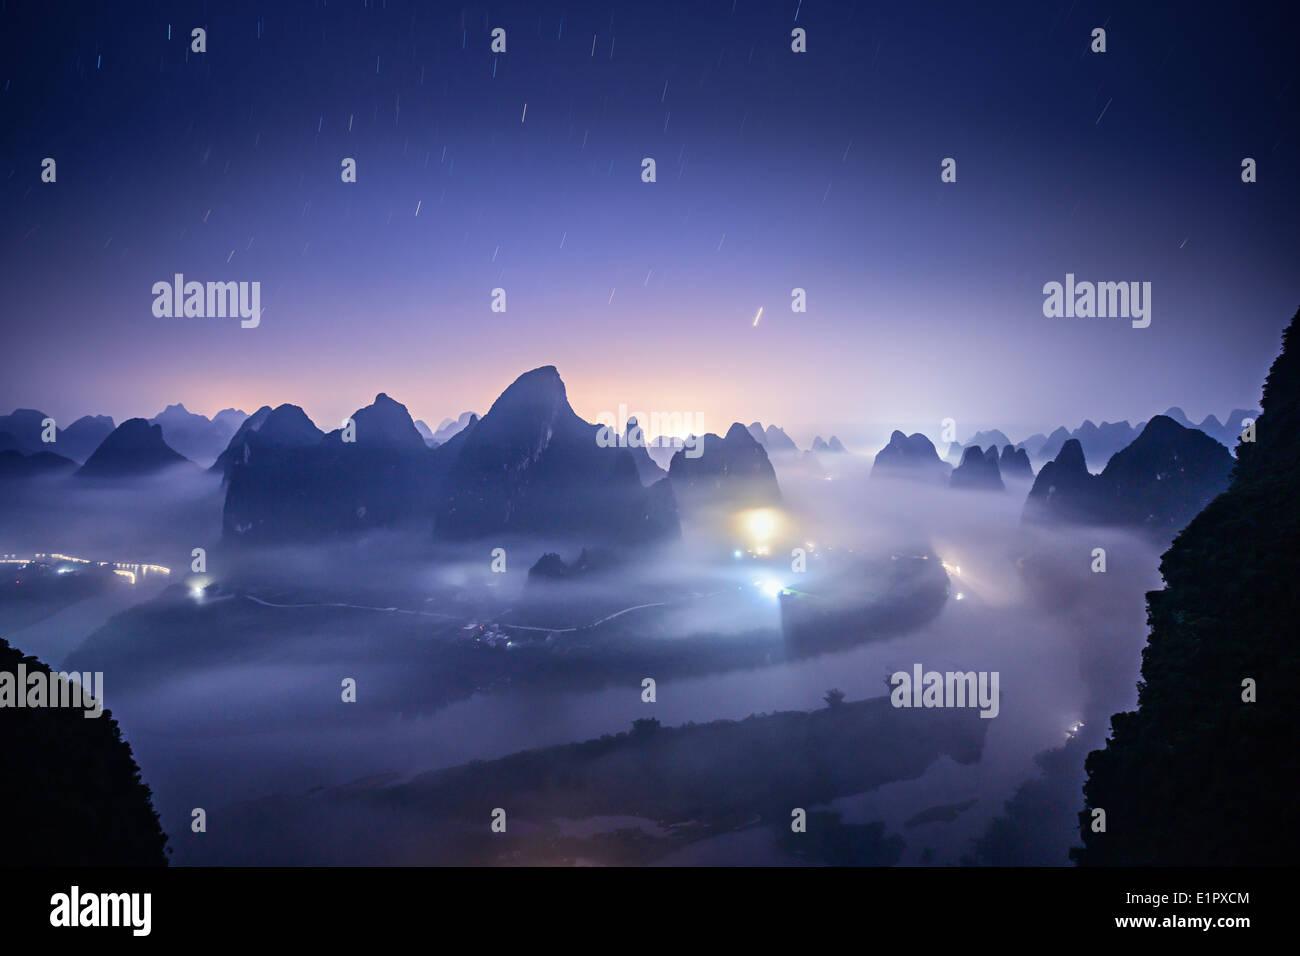 Karst paisajes sobre el río Li en Xingping, provincia de Guangxi, China. Foto de stock